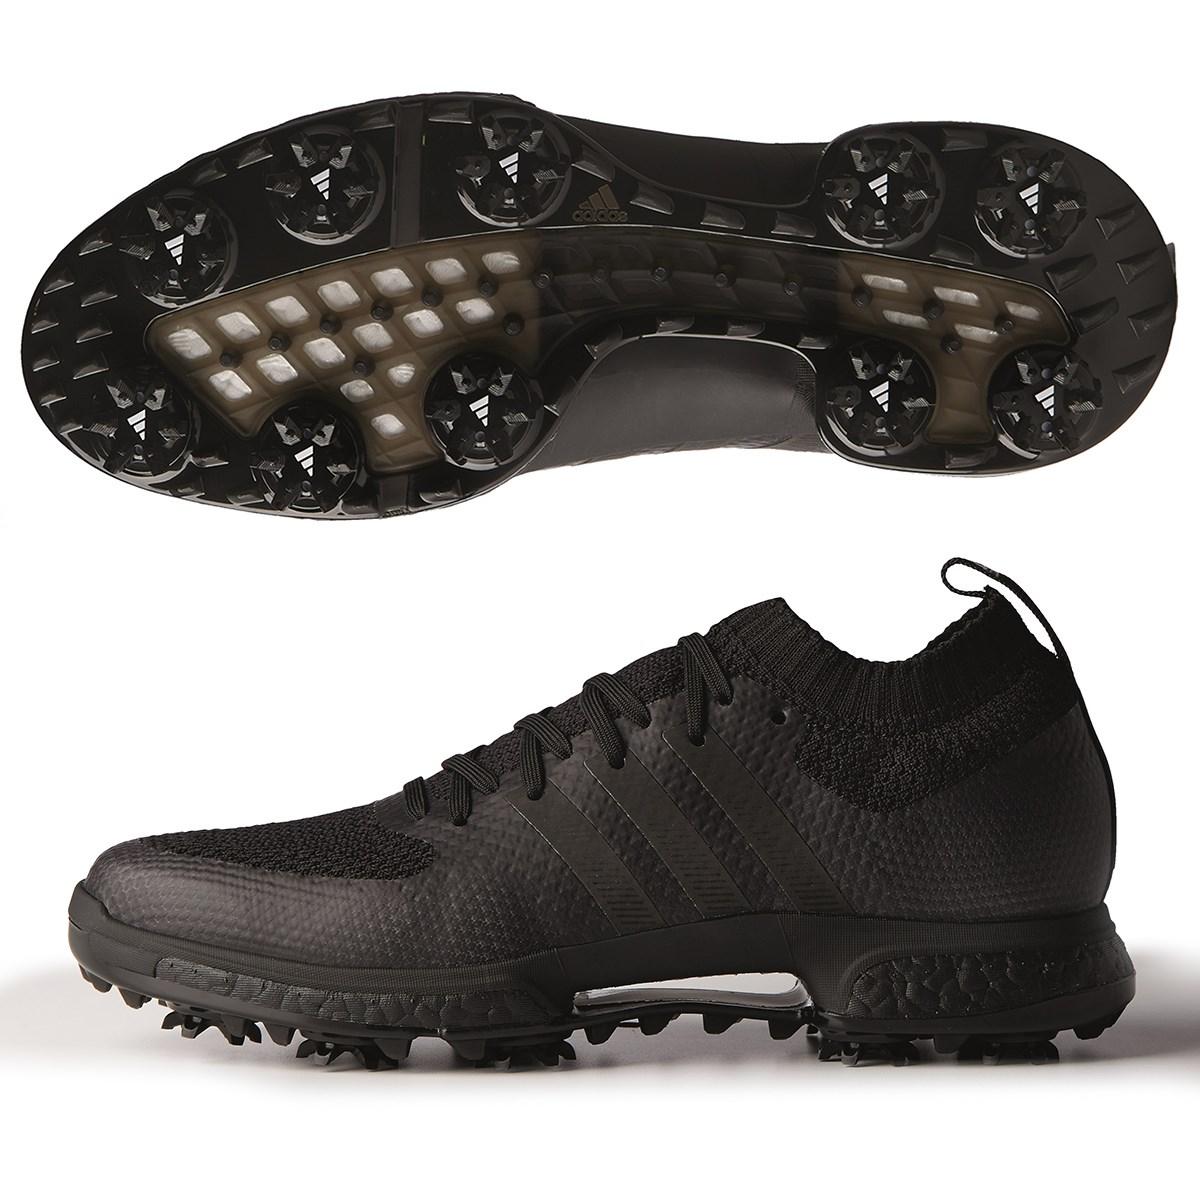 [値下げしました] アディダス adidas ツアー360 ニットシューズ コアブラック/コアブラック/コアブラック メンズ ゴルフ